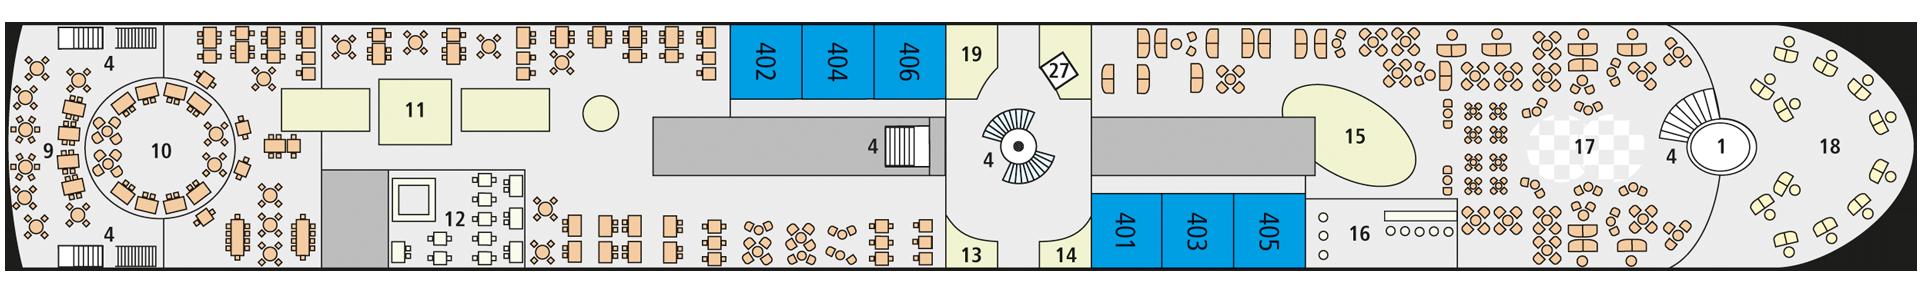 A-ROSA SENA Deck 4